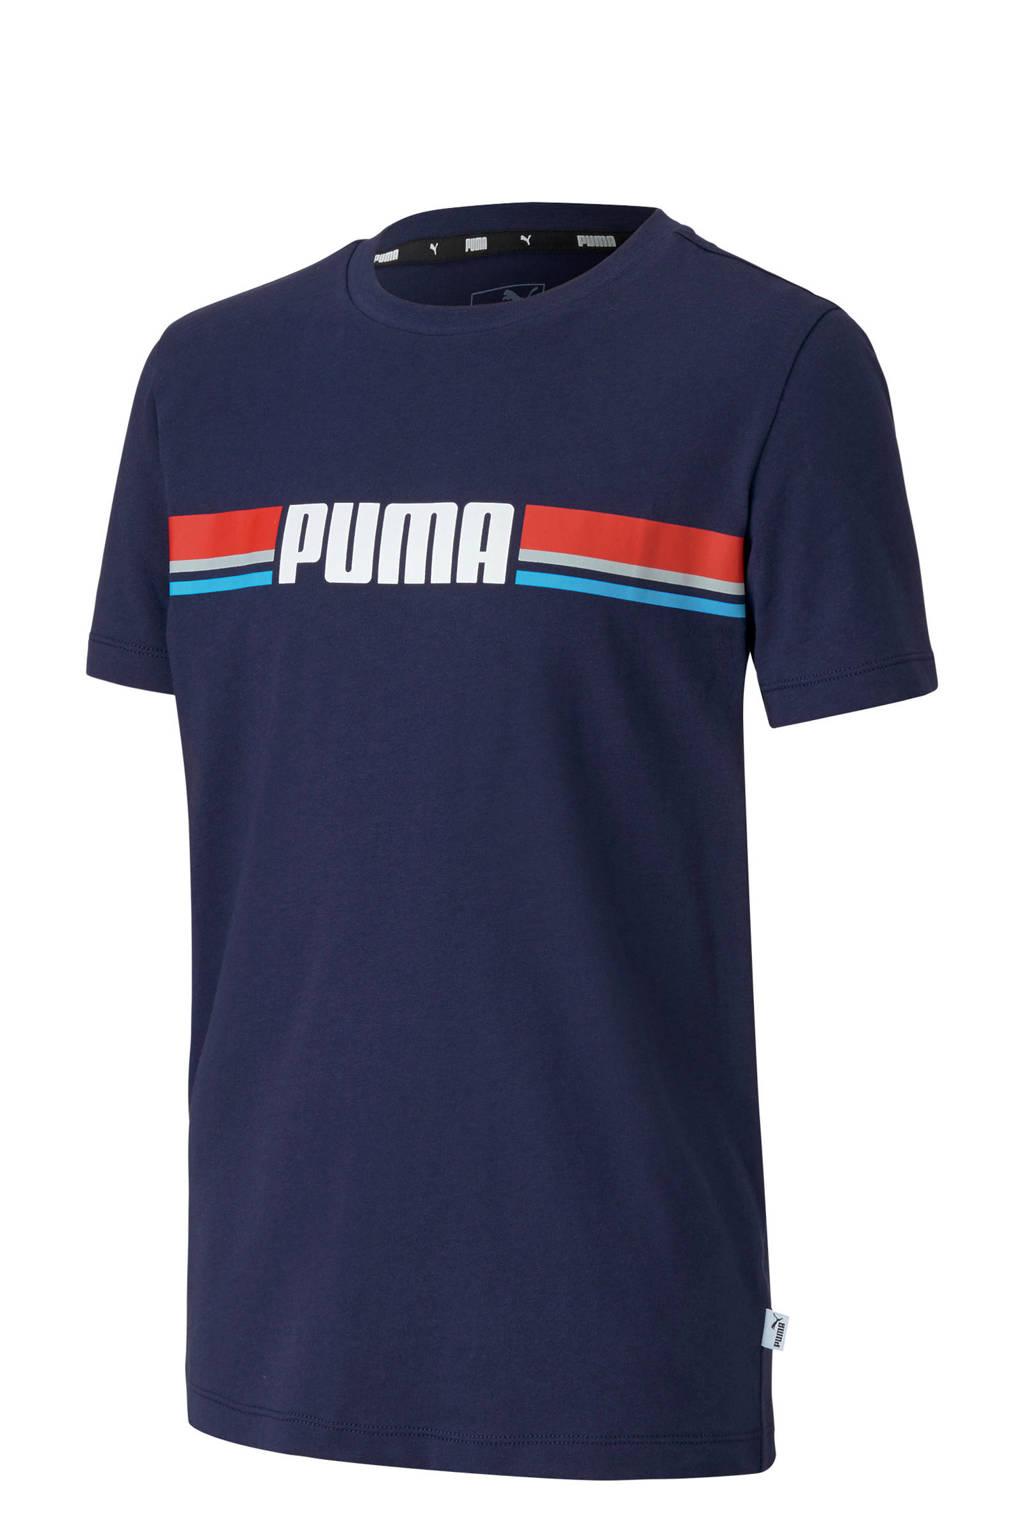 Puma T-shirt donkerblauw, Donkerblauw